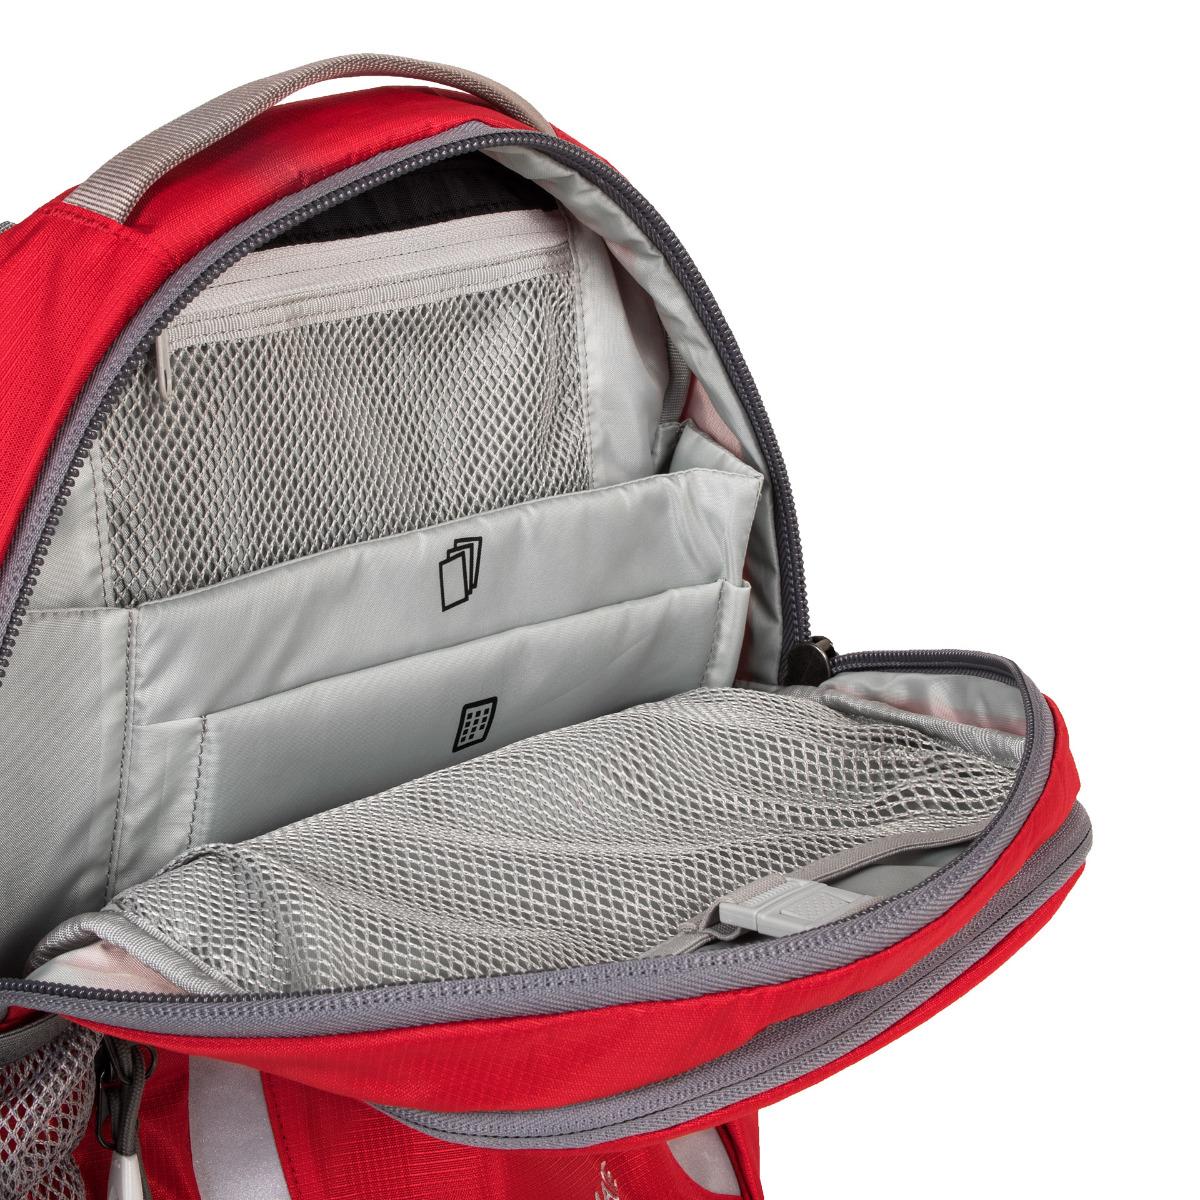 Boll School Mate 18 Truered Prvotriedny batoh Boll School Mate spĺňa presne to, čo od kvalitného batohu pre školákov očakávate.